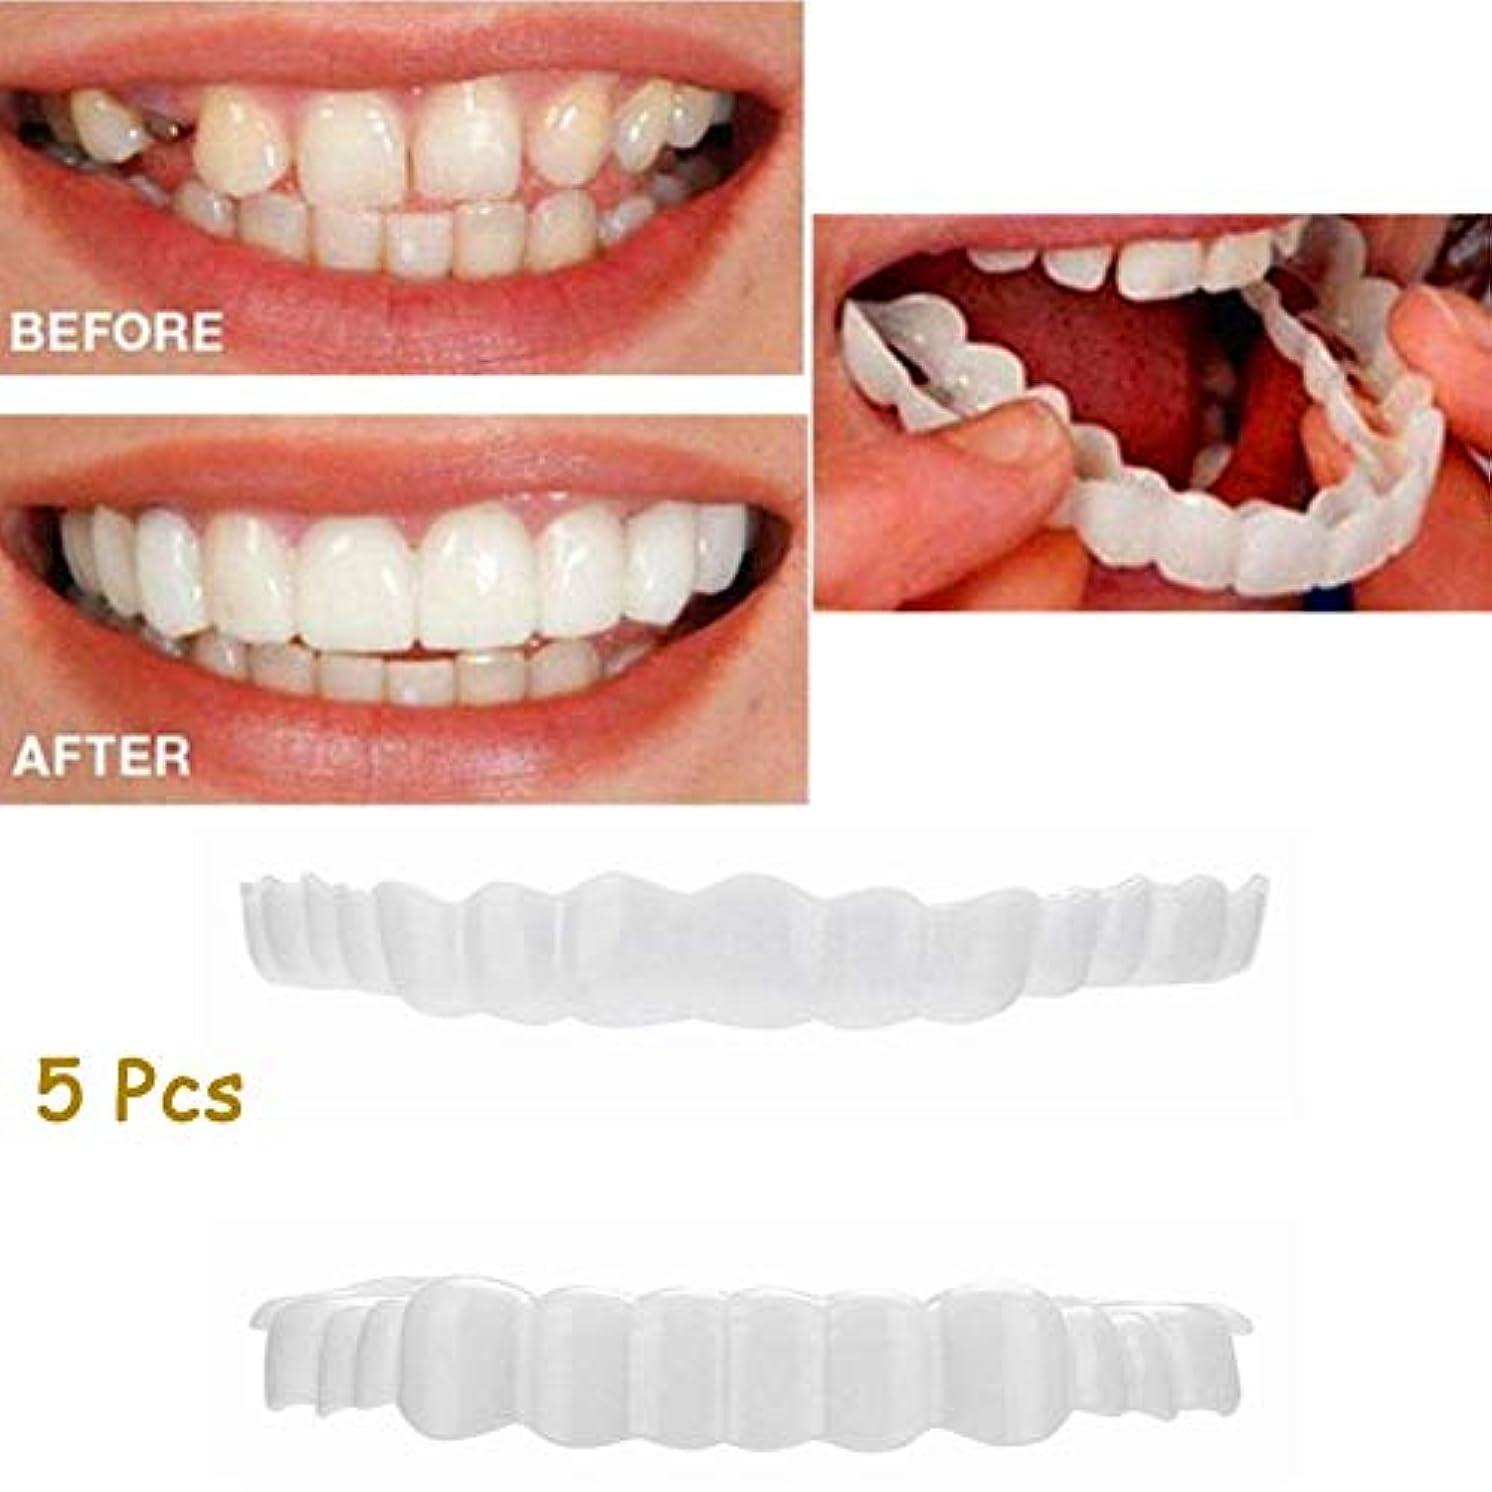 印をつけるゴシップわかりやすい5本の上歯+下歯セット偽の歯を白くする完璧な化粧品の歯